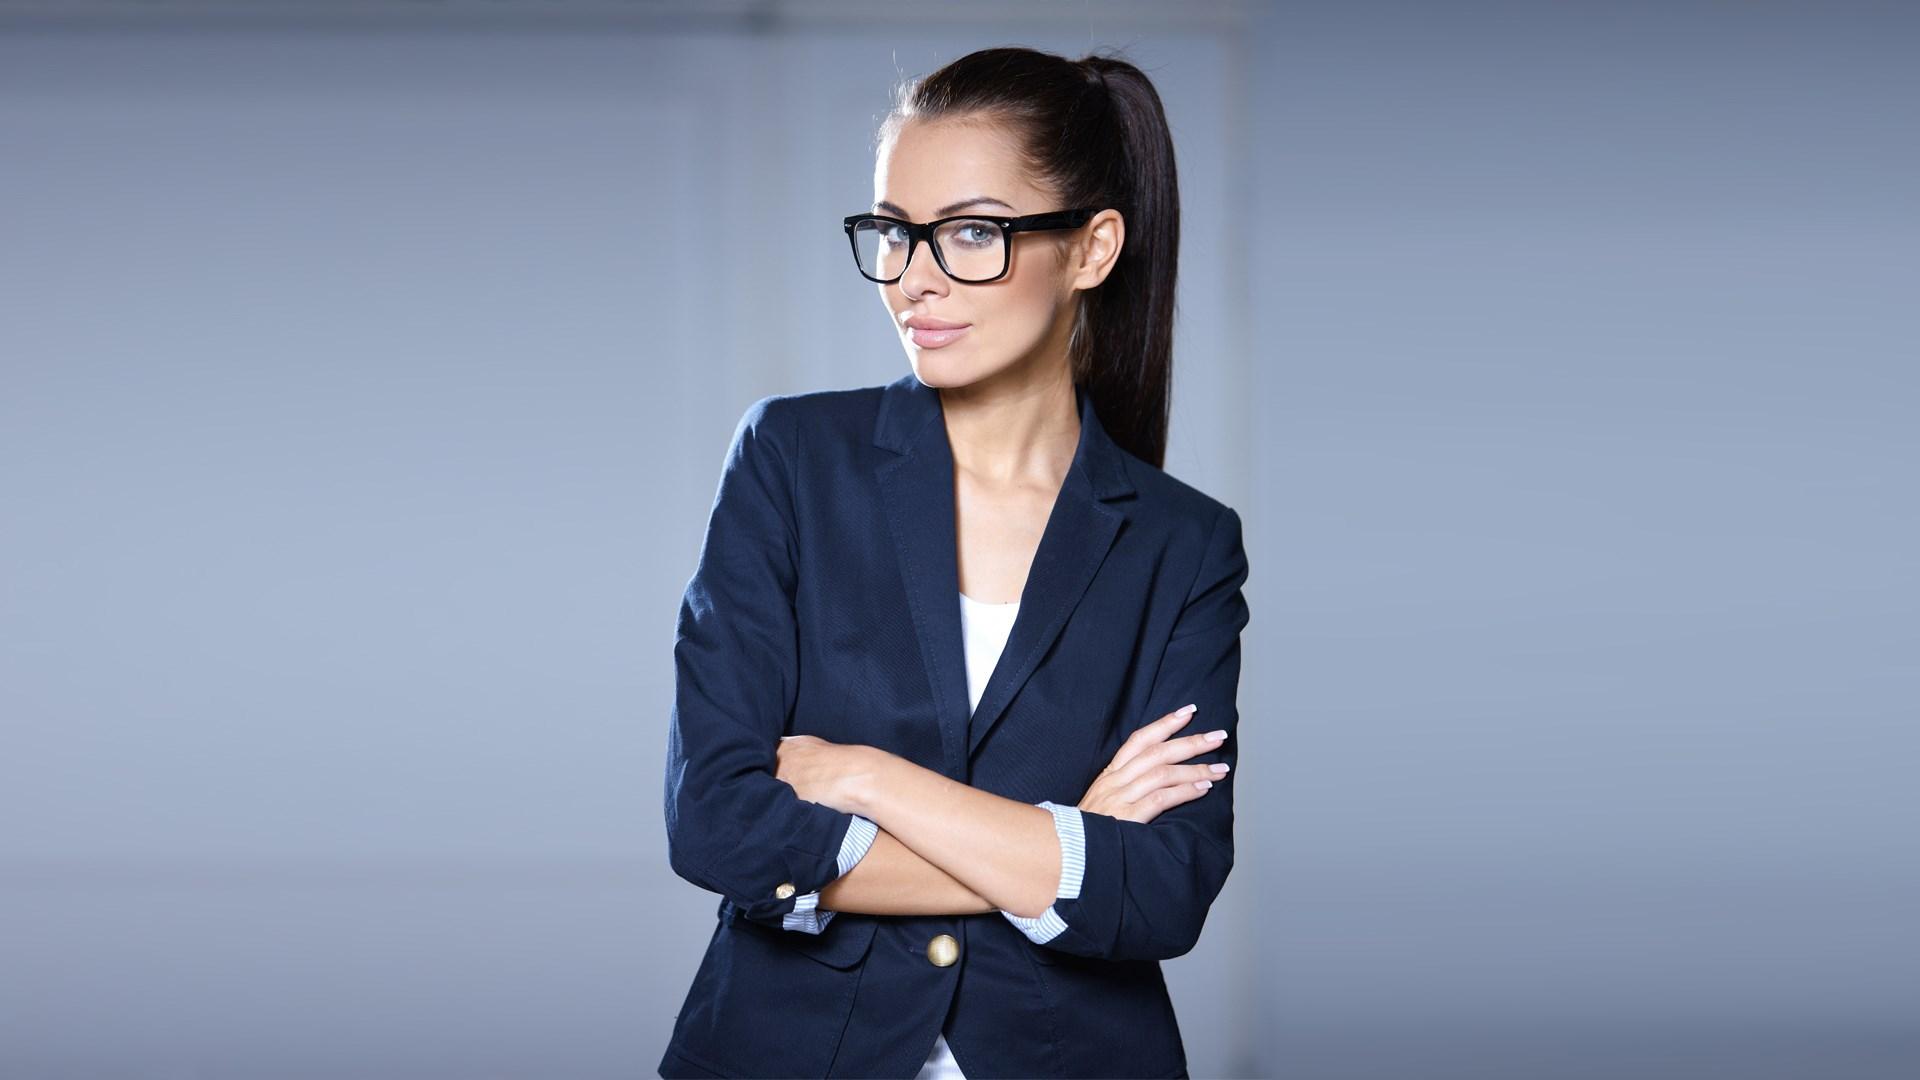 Wonderful Girl Glasses Wallpaper